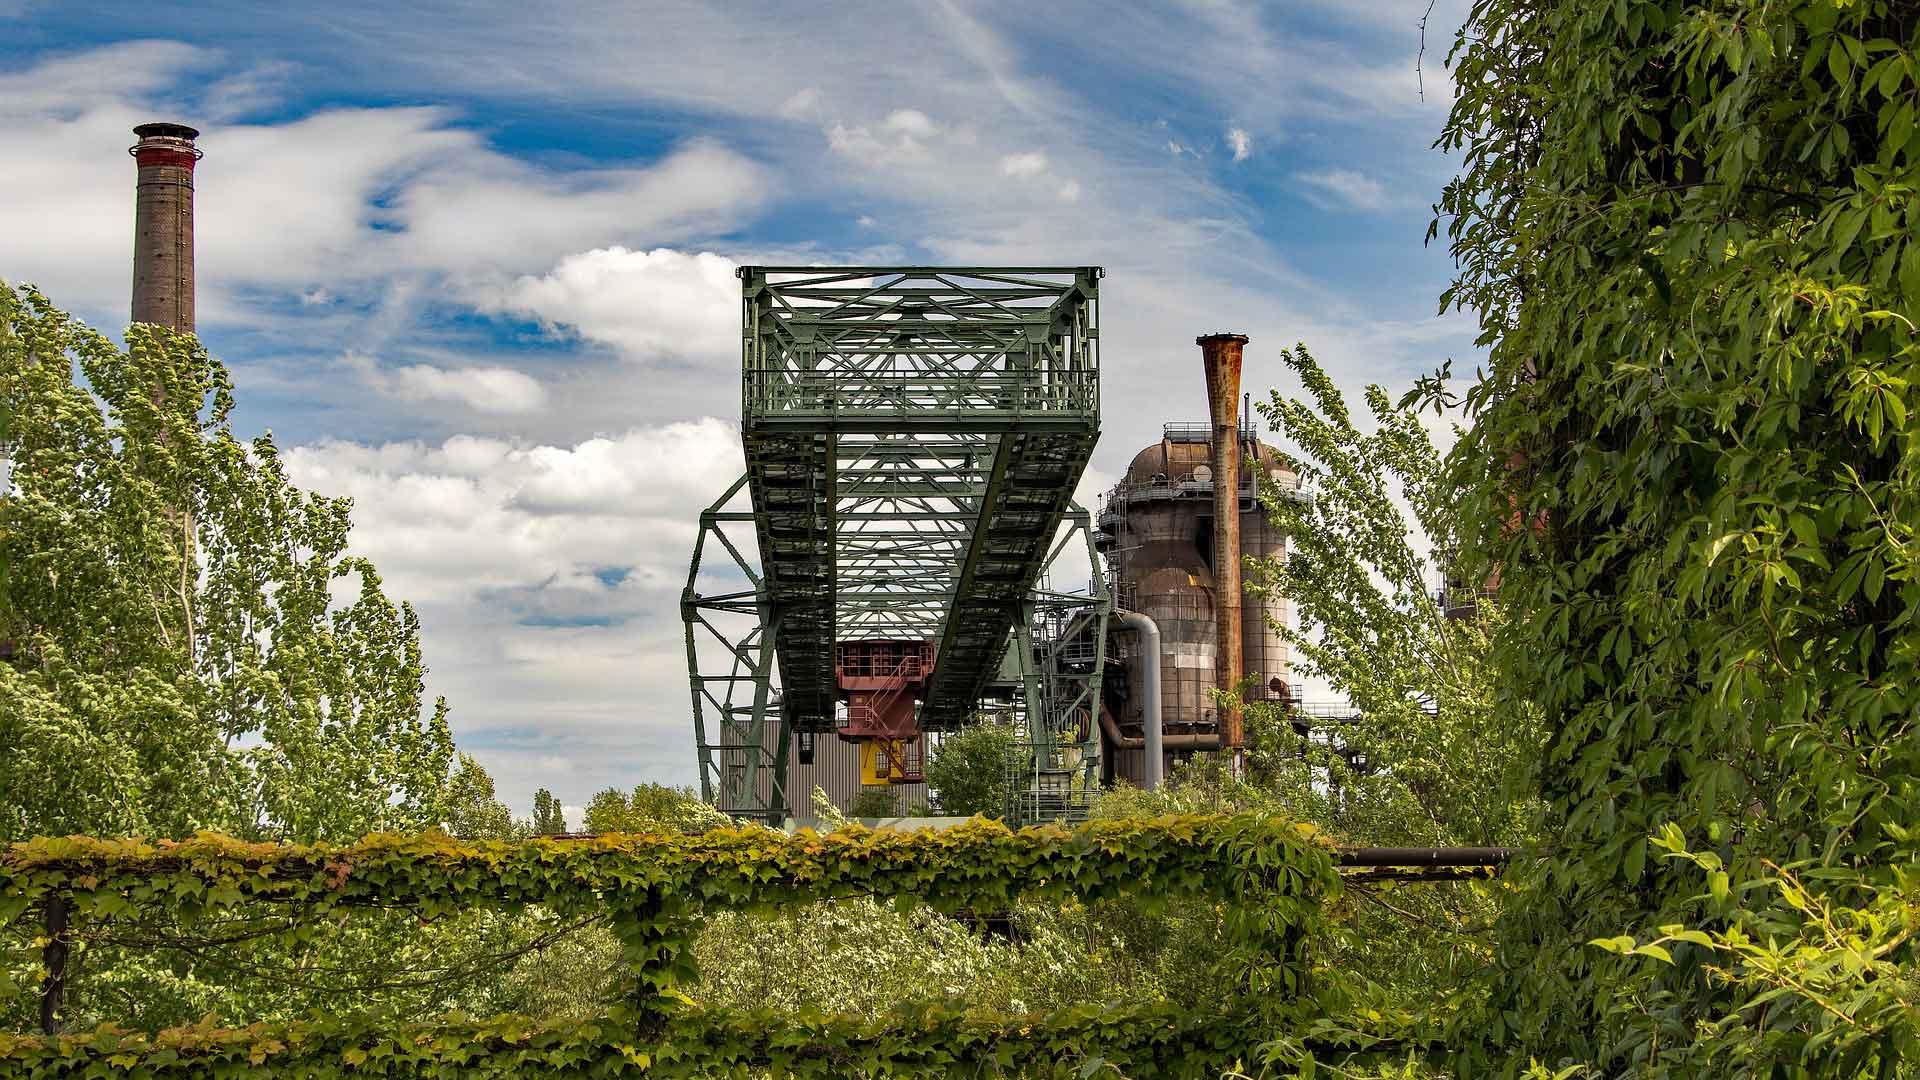 Industrieel erfgoed kan erg fotogeniek zijn zoals hier in Duisburg.